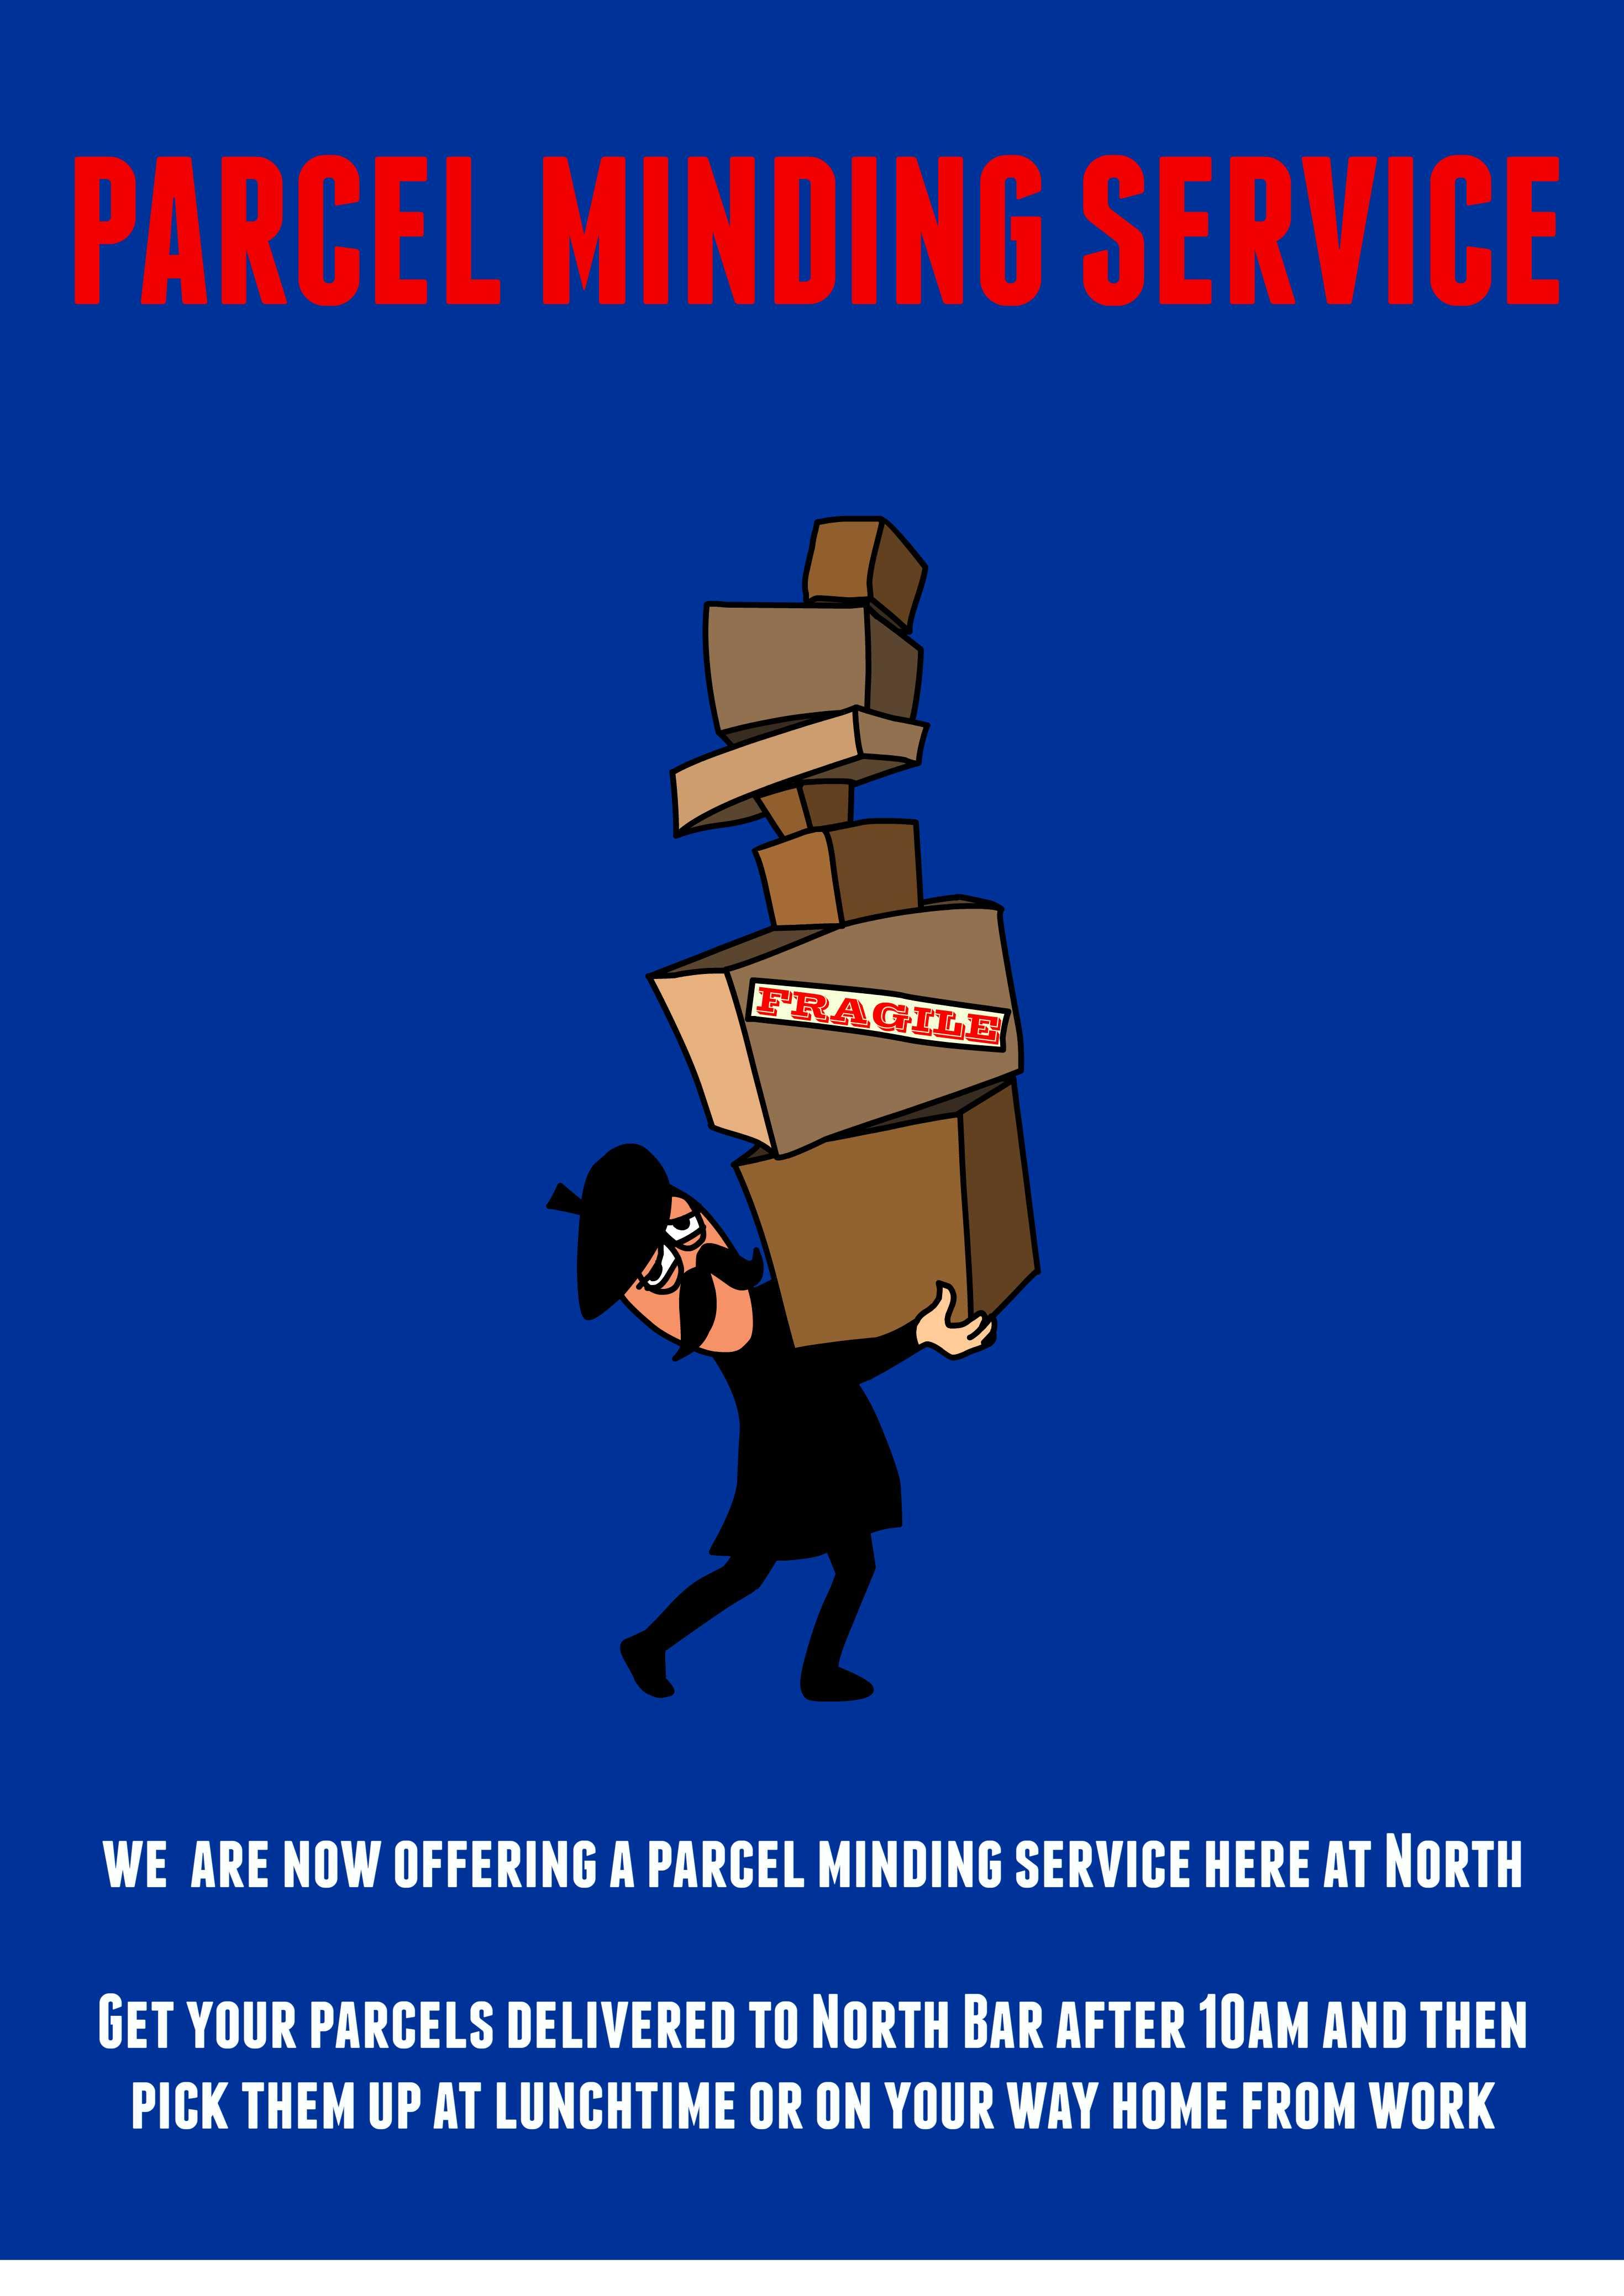 Parcel Minding